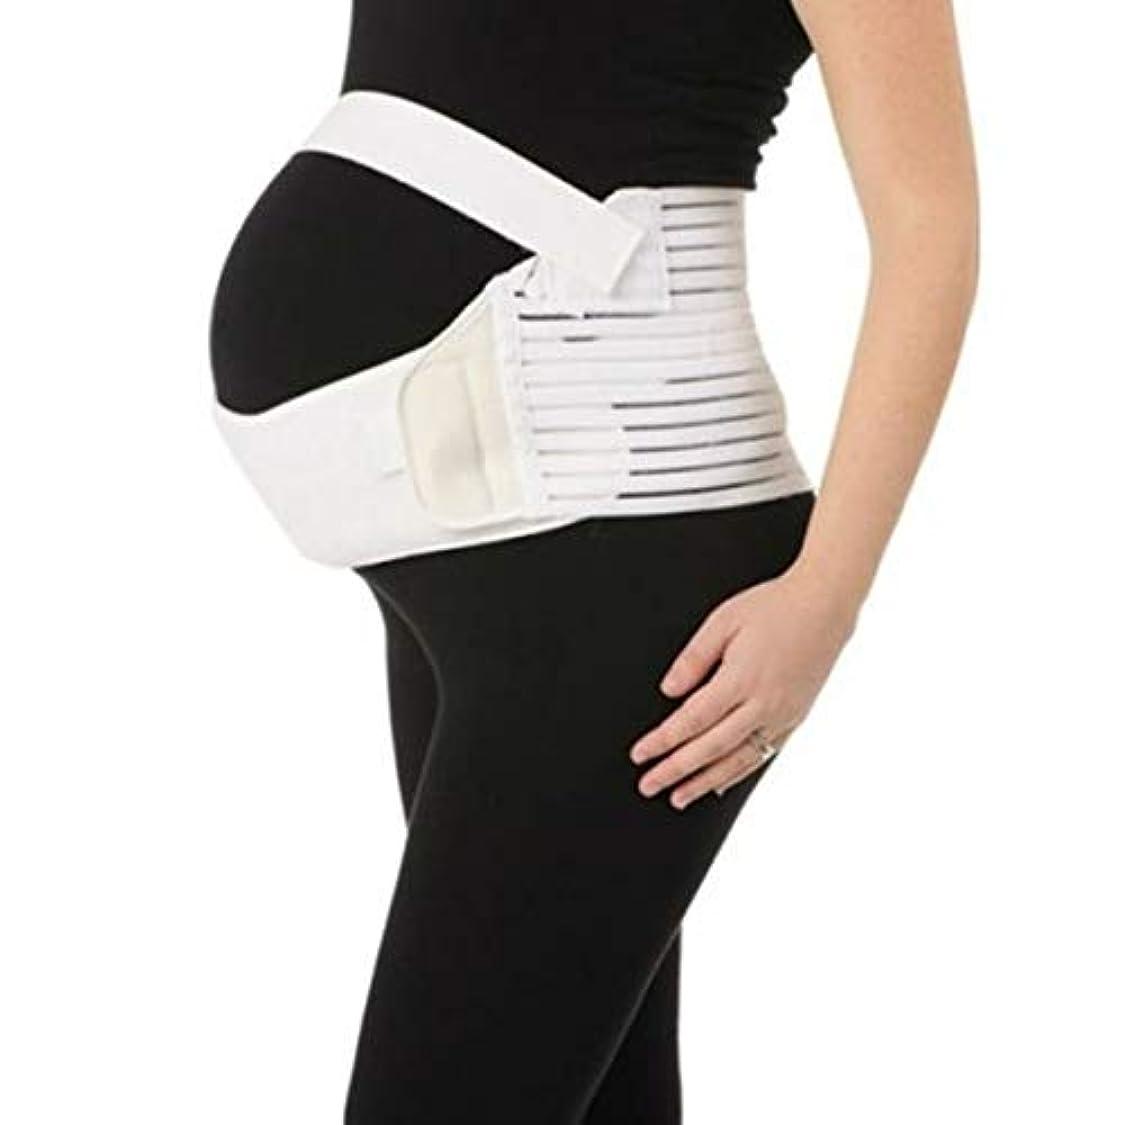 水っぽいのトライアスリート通気性マタニティベルト妊娠腹部サポート腹部バインダーガードル運動包帯産後回復形状ウェア - ホワイトXL